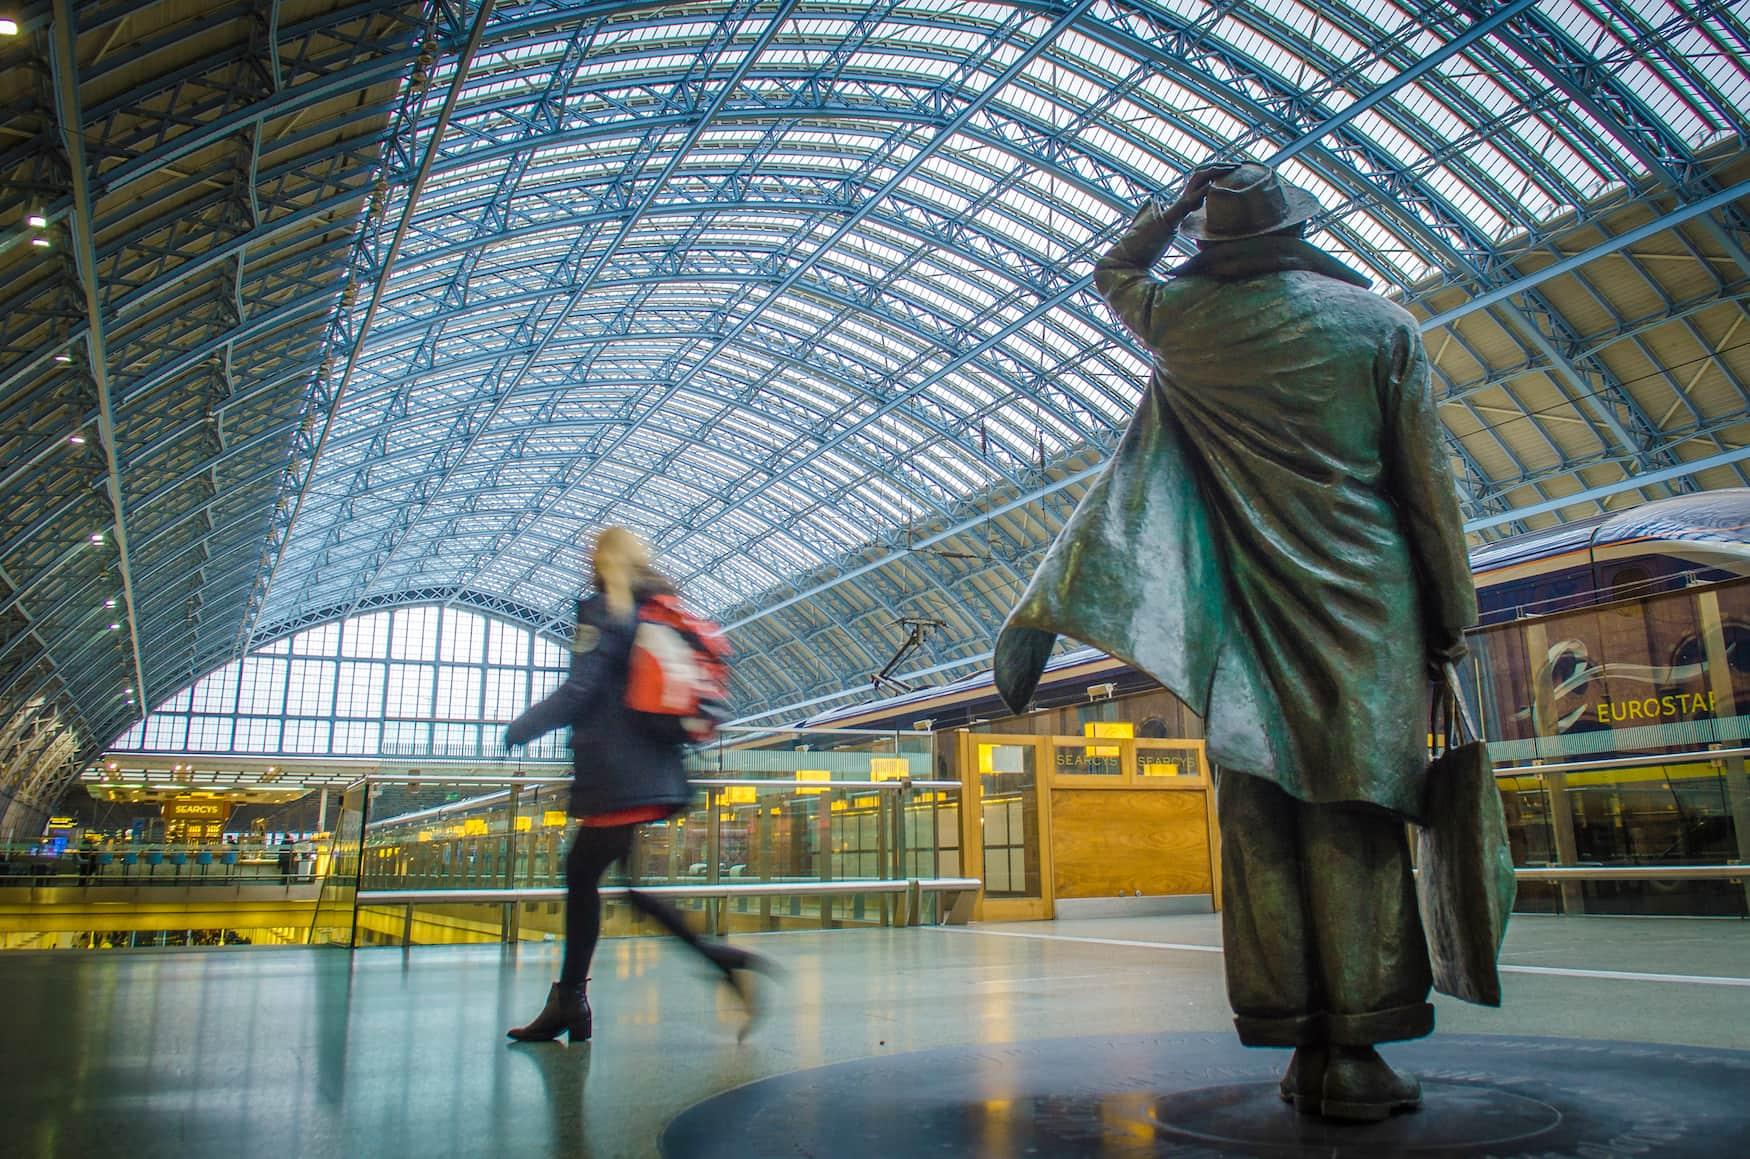 In 80 Zügen um die Welt: Die Zugreise beginnt am St. Pancras Bahnhof in London